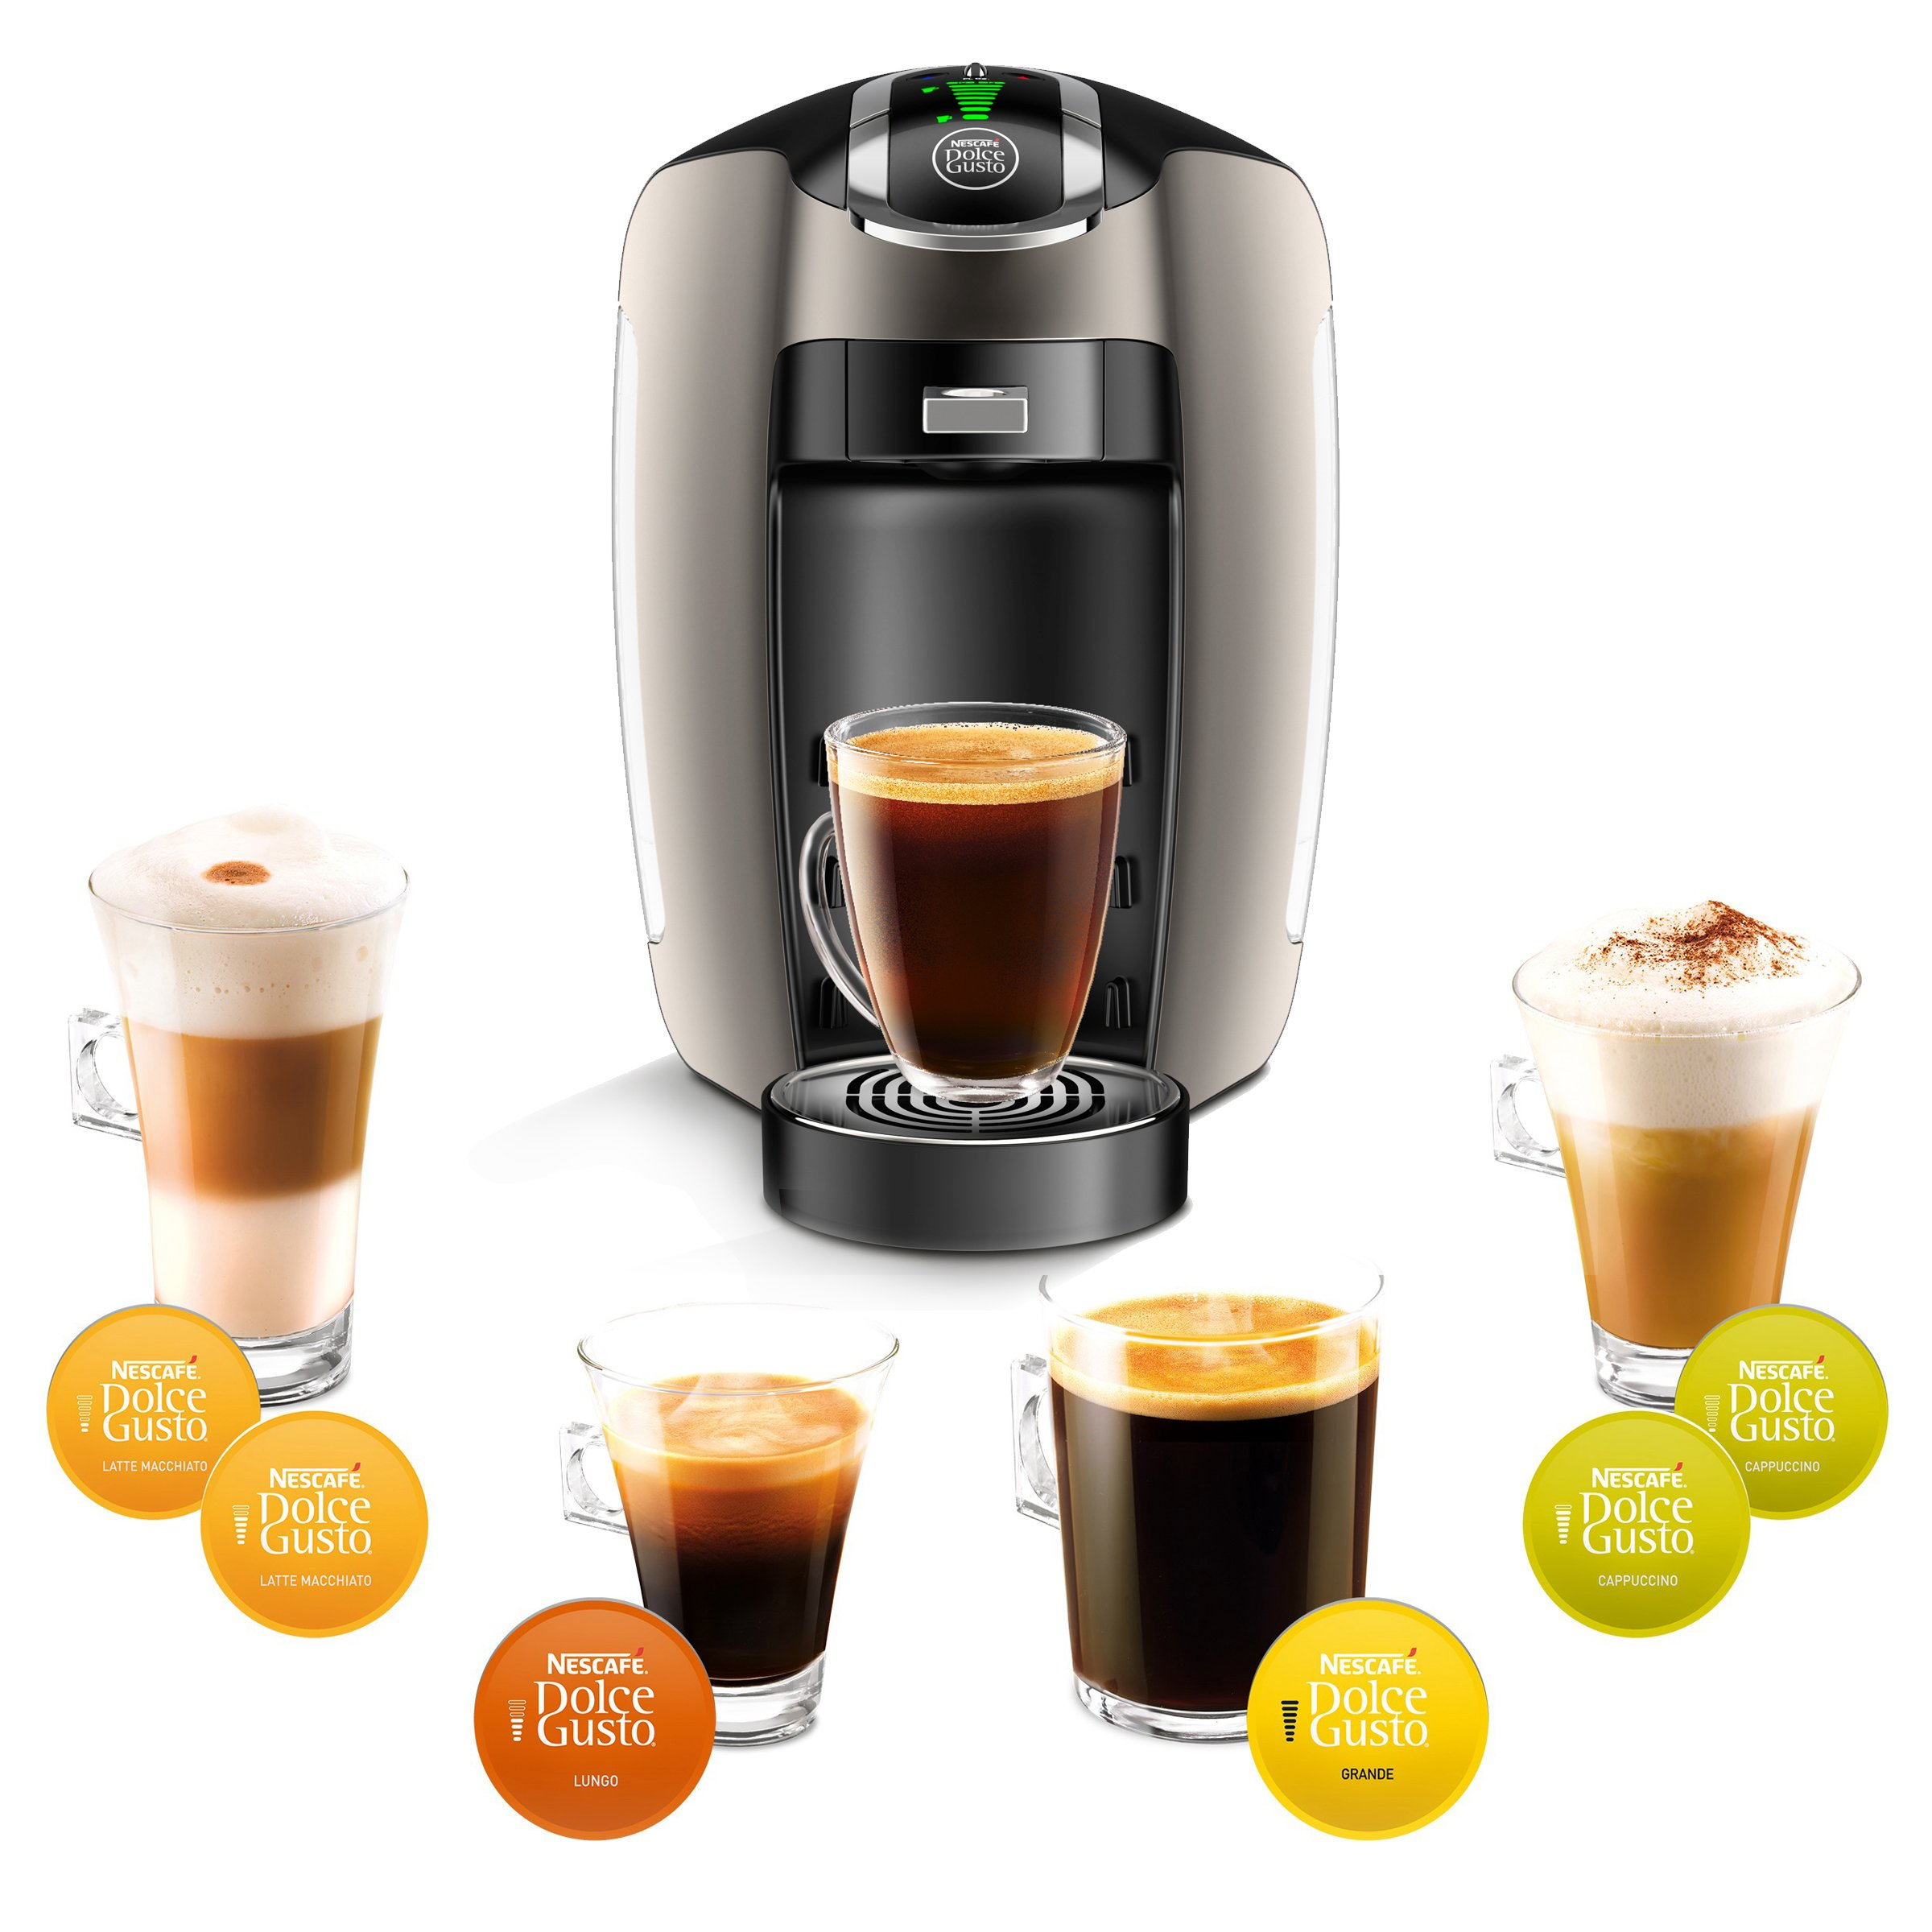 NESCAFÉ Dolce Gusto Coffee Machine, Esperta 2, Espresso, Cappuccino and Latte Pod Machine by Dolce Gusto